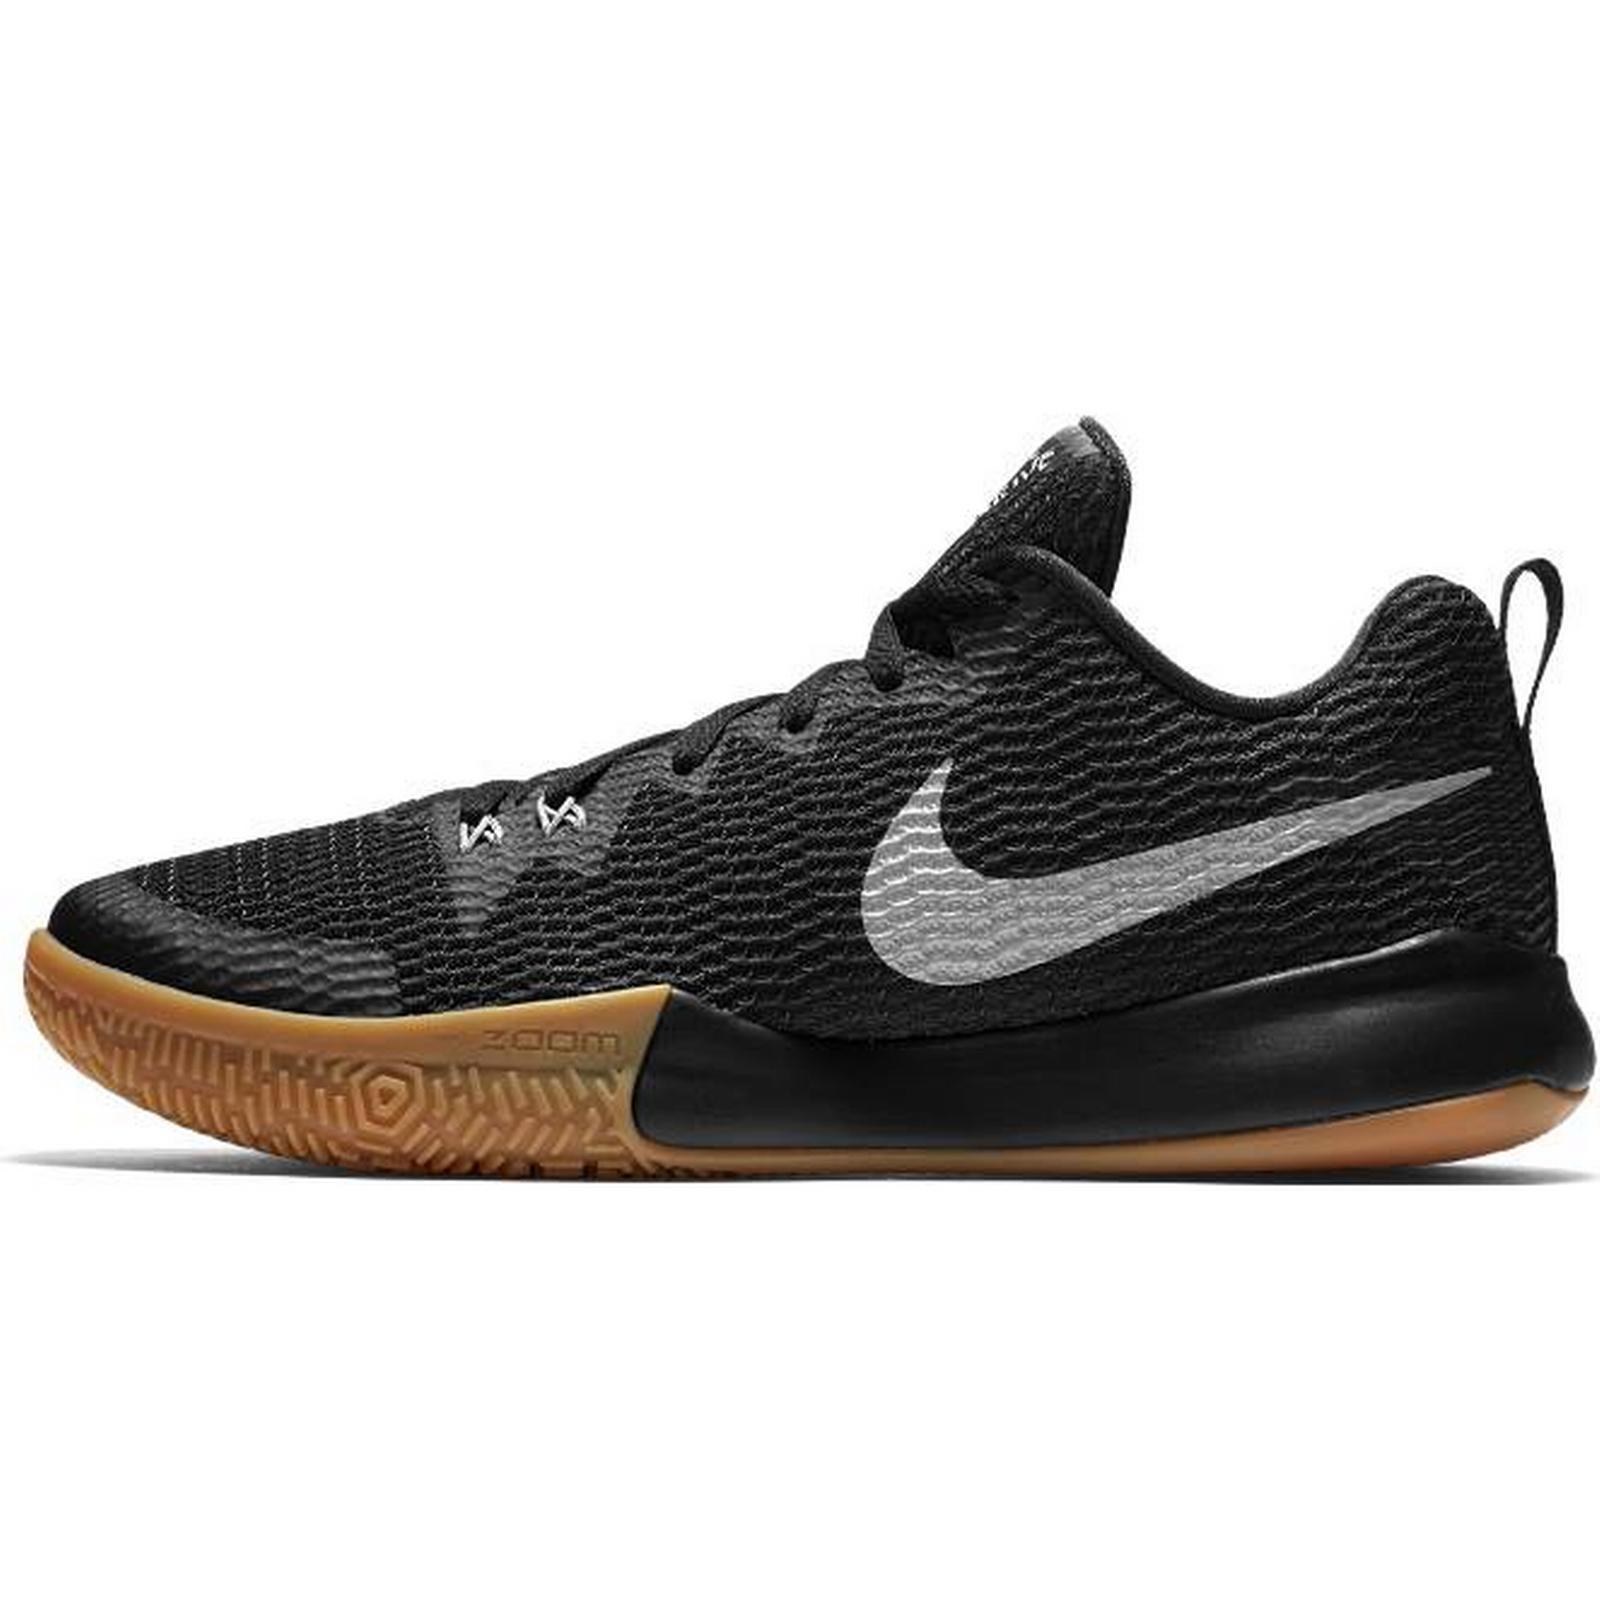 Man's/Woman's : NIKE Męskie Buty Do Koszykówki Nike Zoom price Live II : Low price Zoom processing c4bc7a